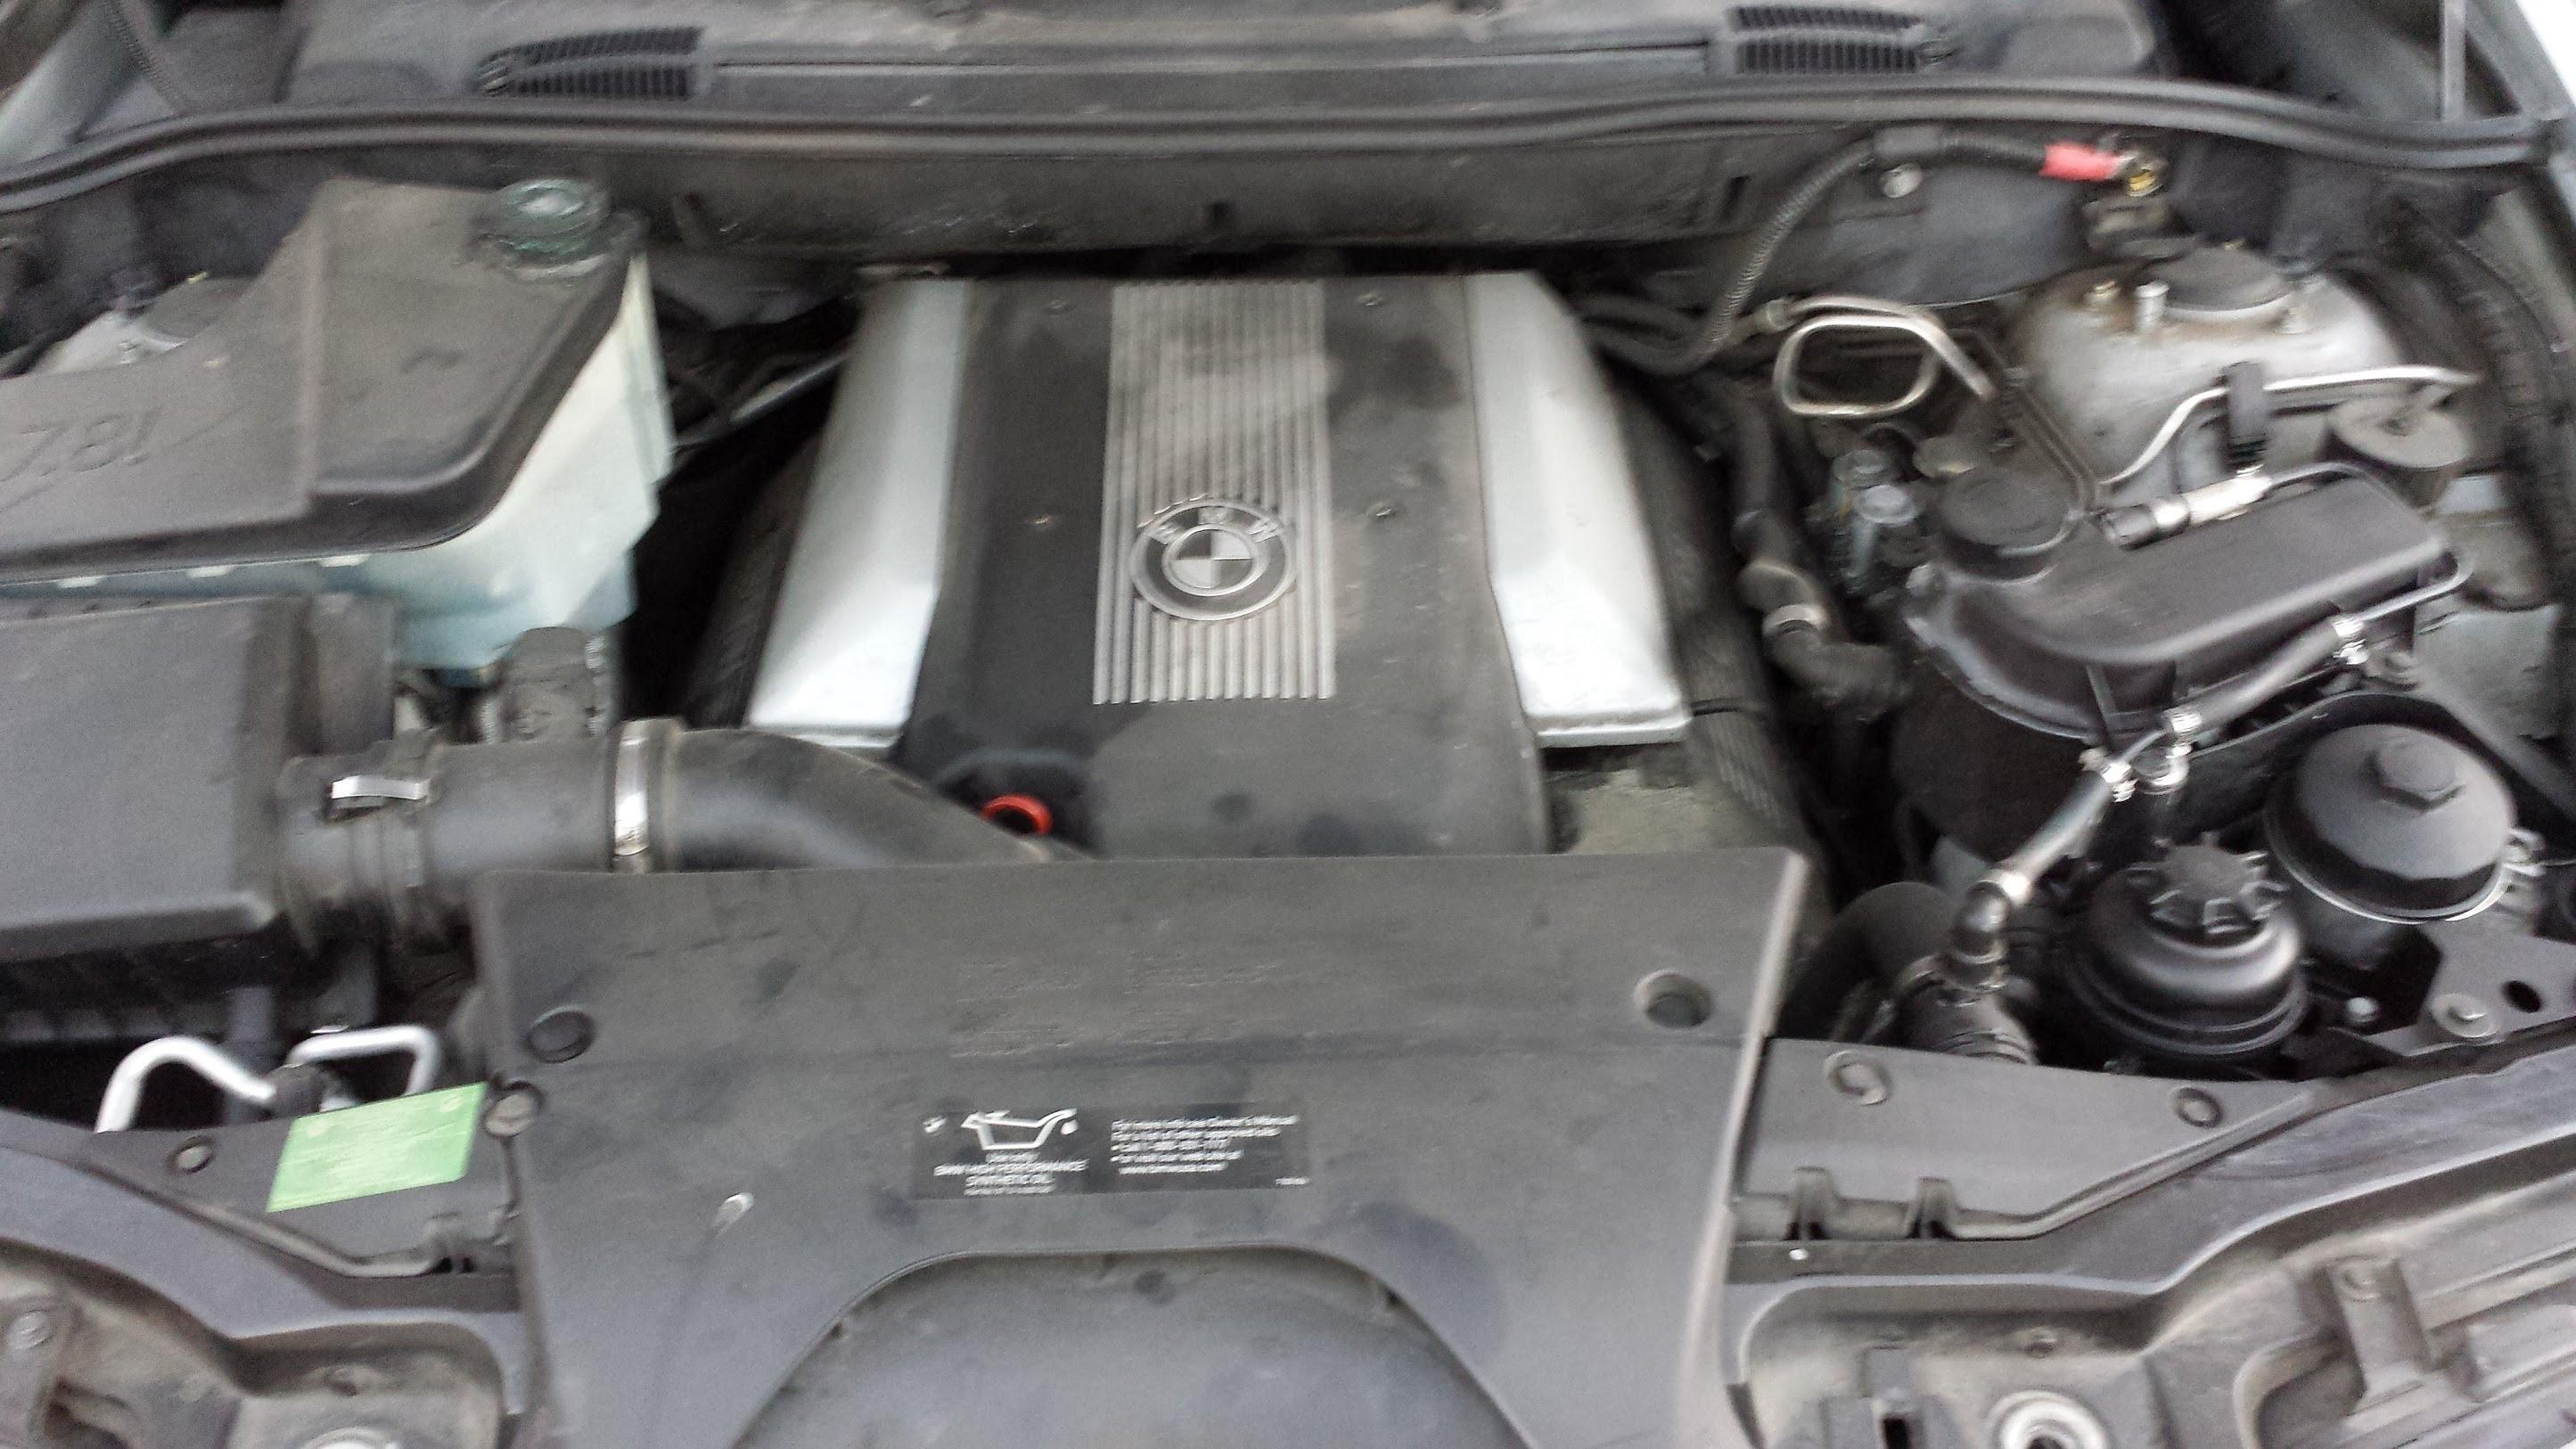 Bmw Car Parts Diagram Bmw E53 X5 4 4 Vanos Engine Diagram Of Bmw Car Parts Diagram